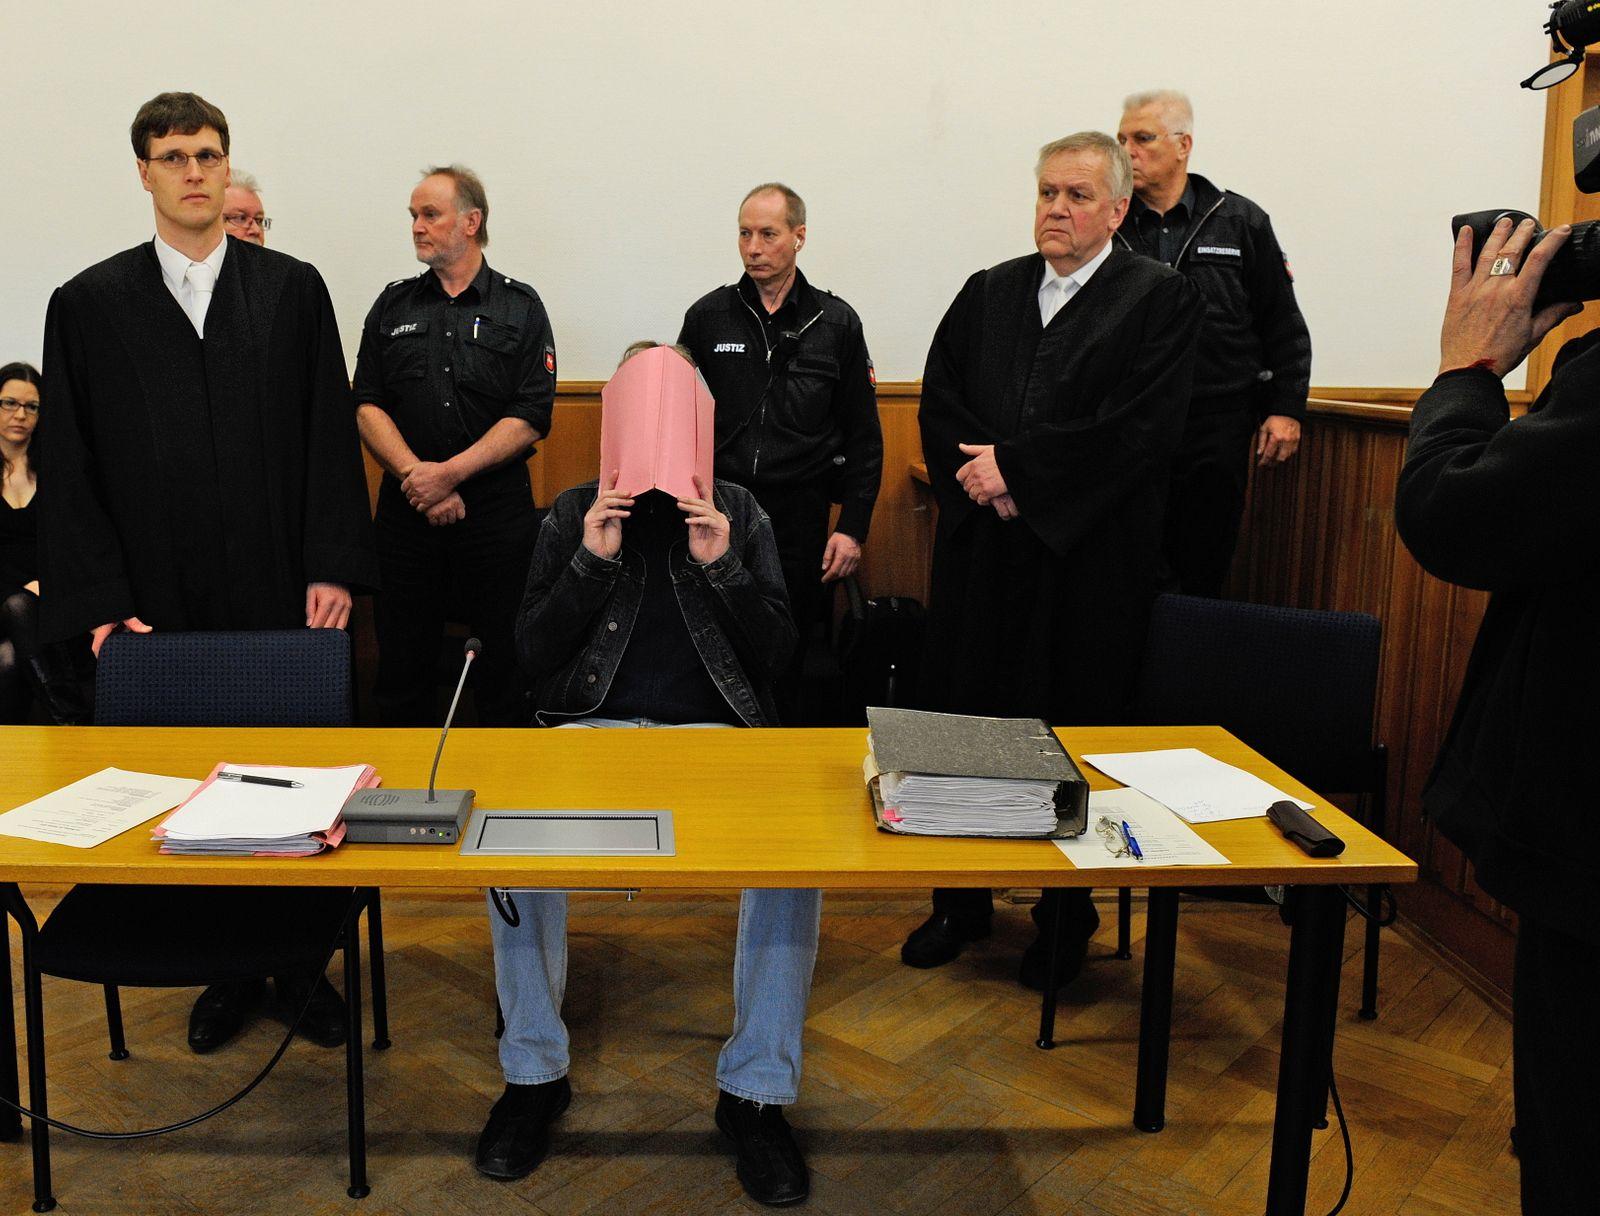 Urteil im Mordprozess in Stade